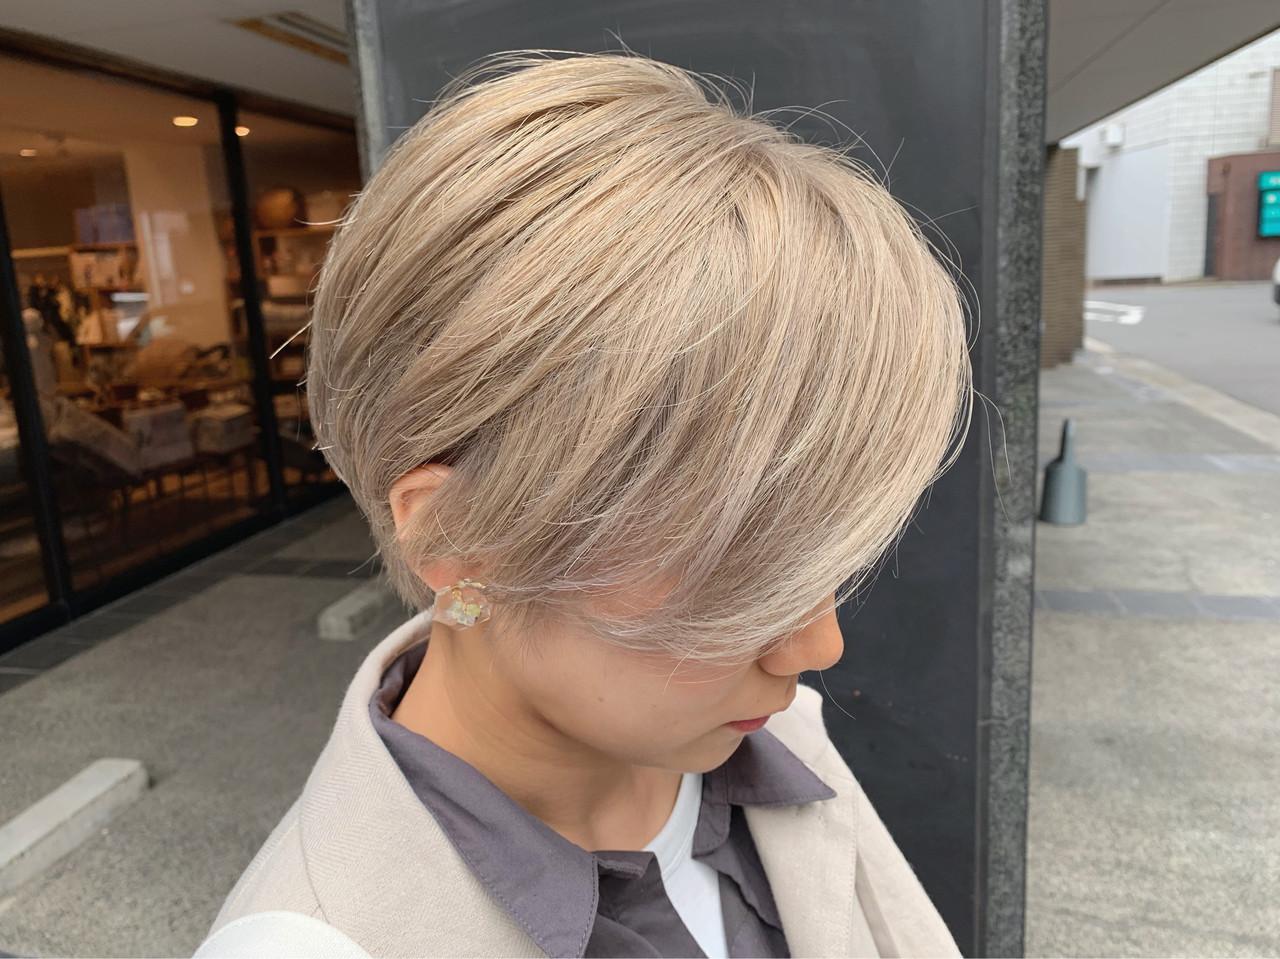 ミルクティーブラウン ショート ブロンドカラー ガーリー ヘアスタイルや髪型の写真・画像